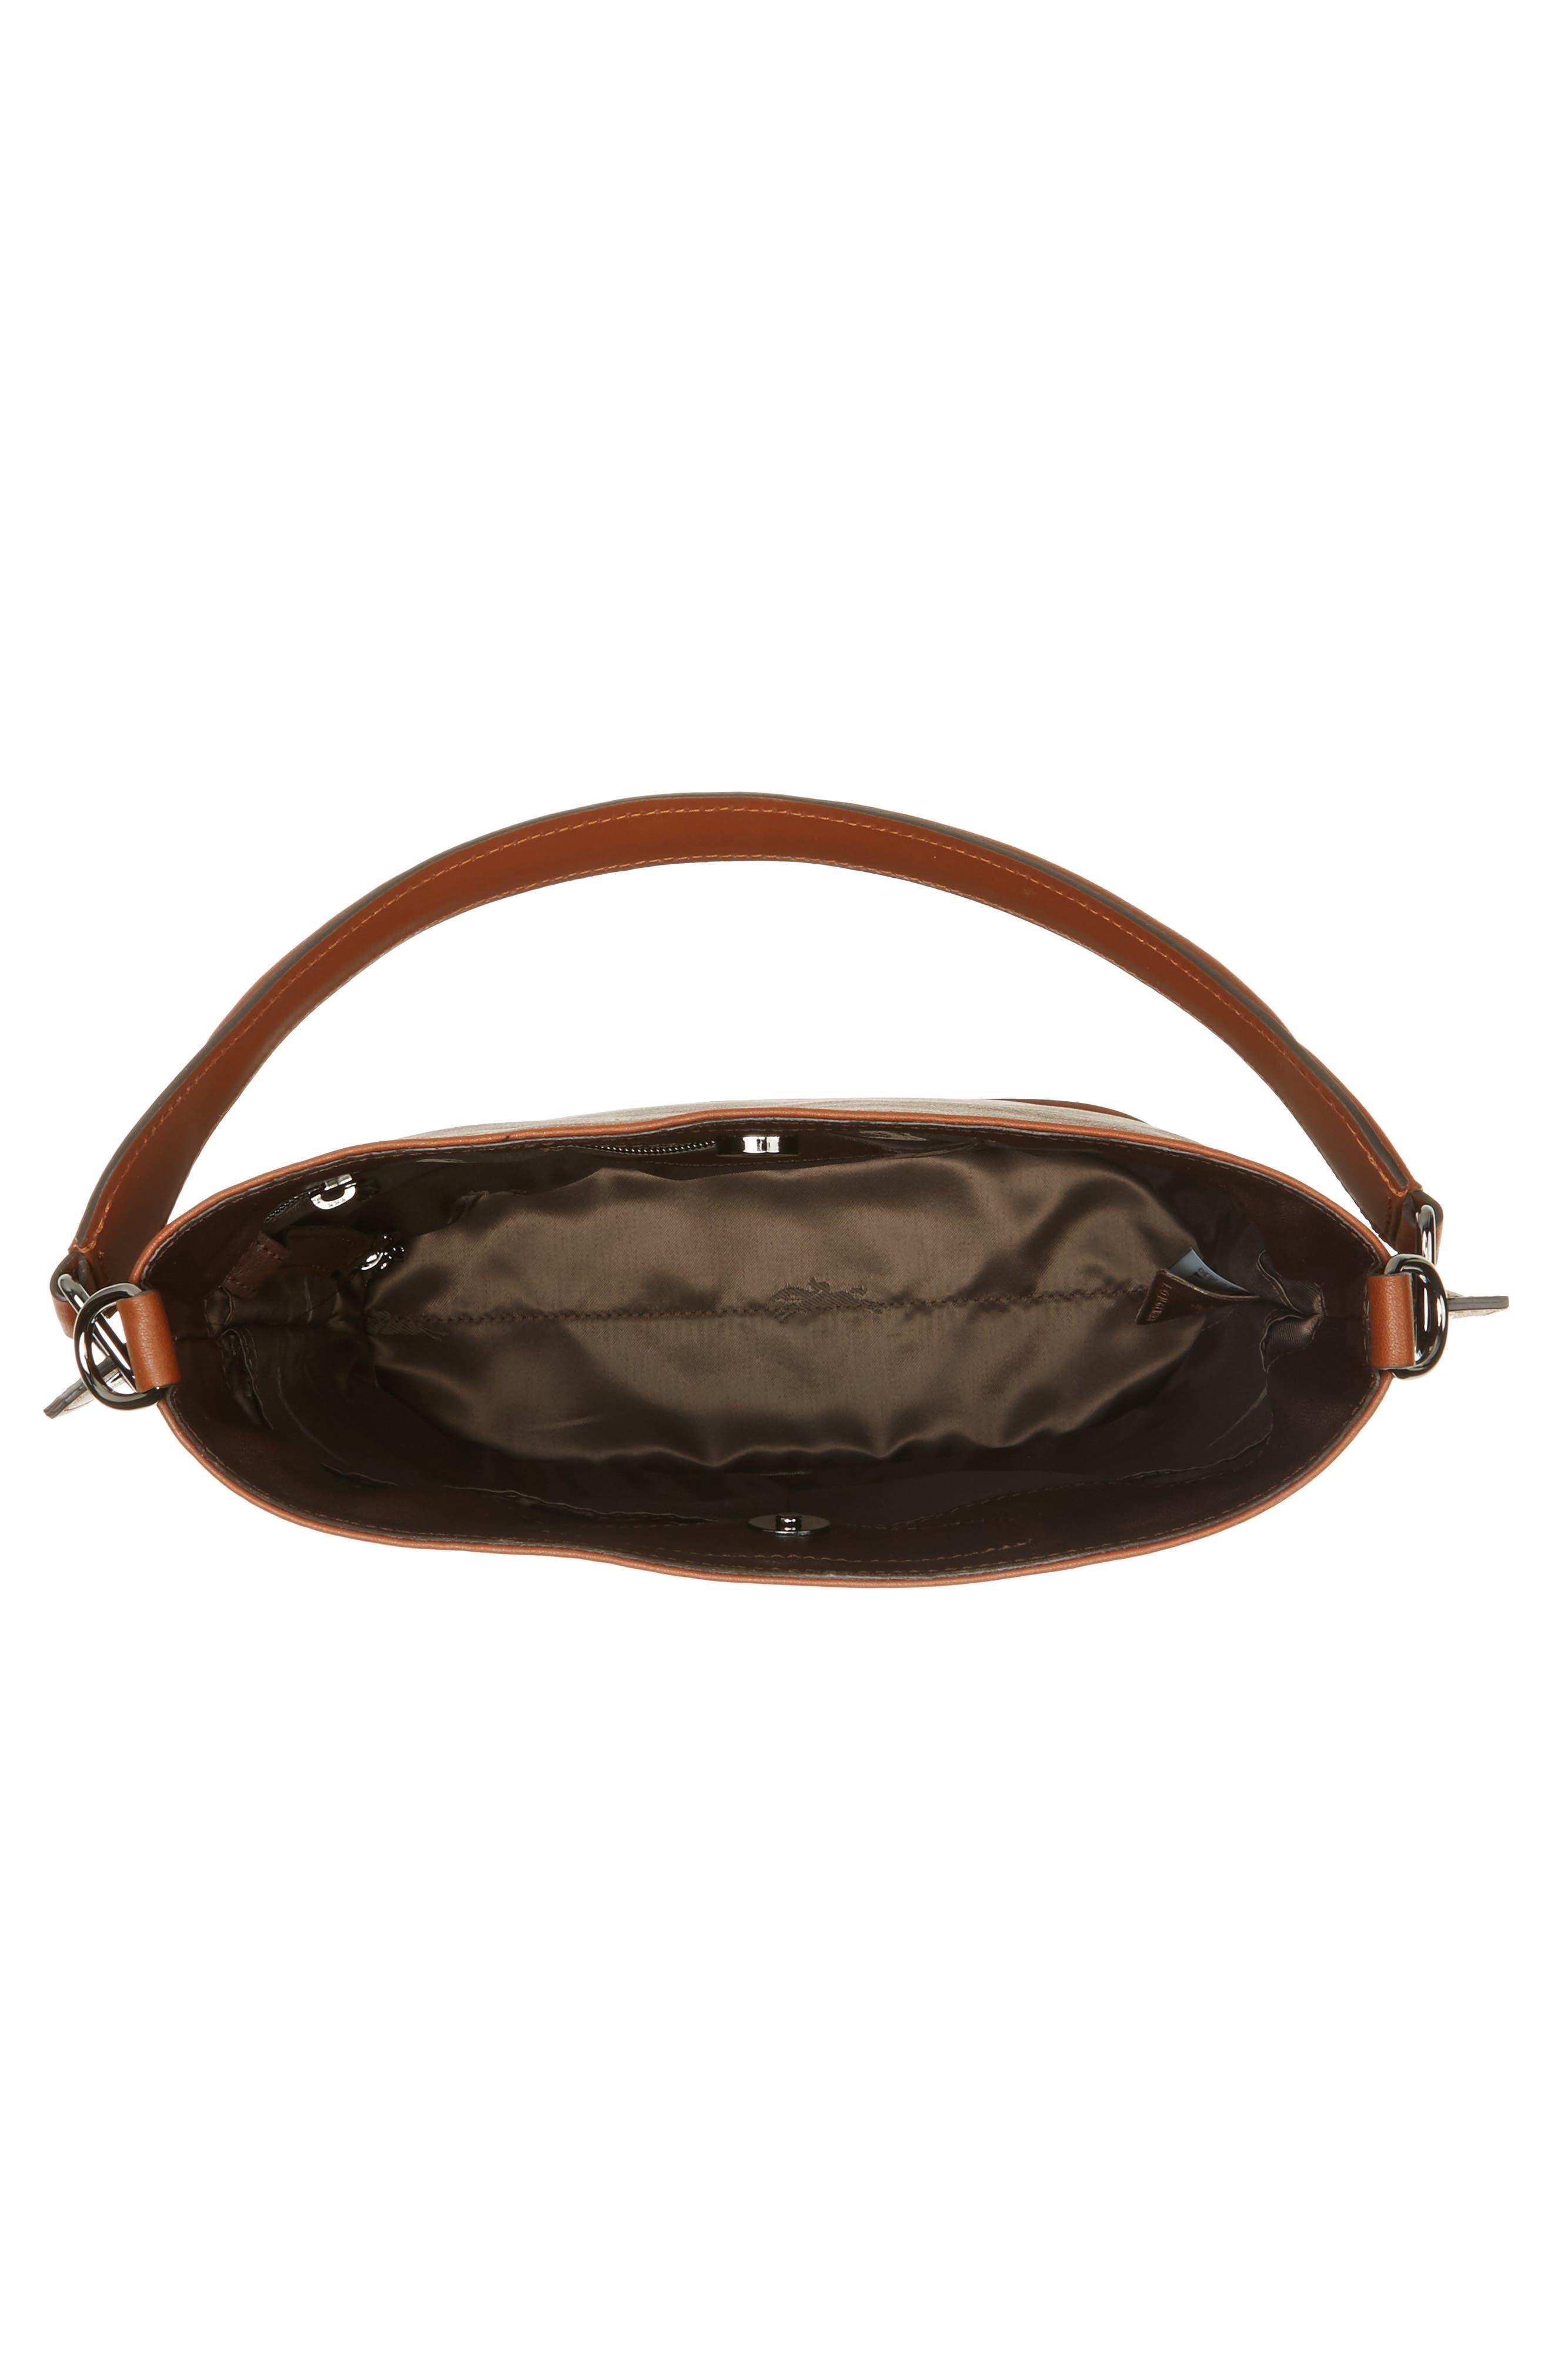 3D Leather Bucket Bag,                             Alternate thumbnail 4, color,                             COGNAC